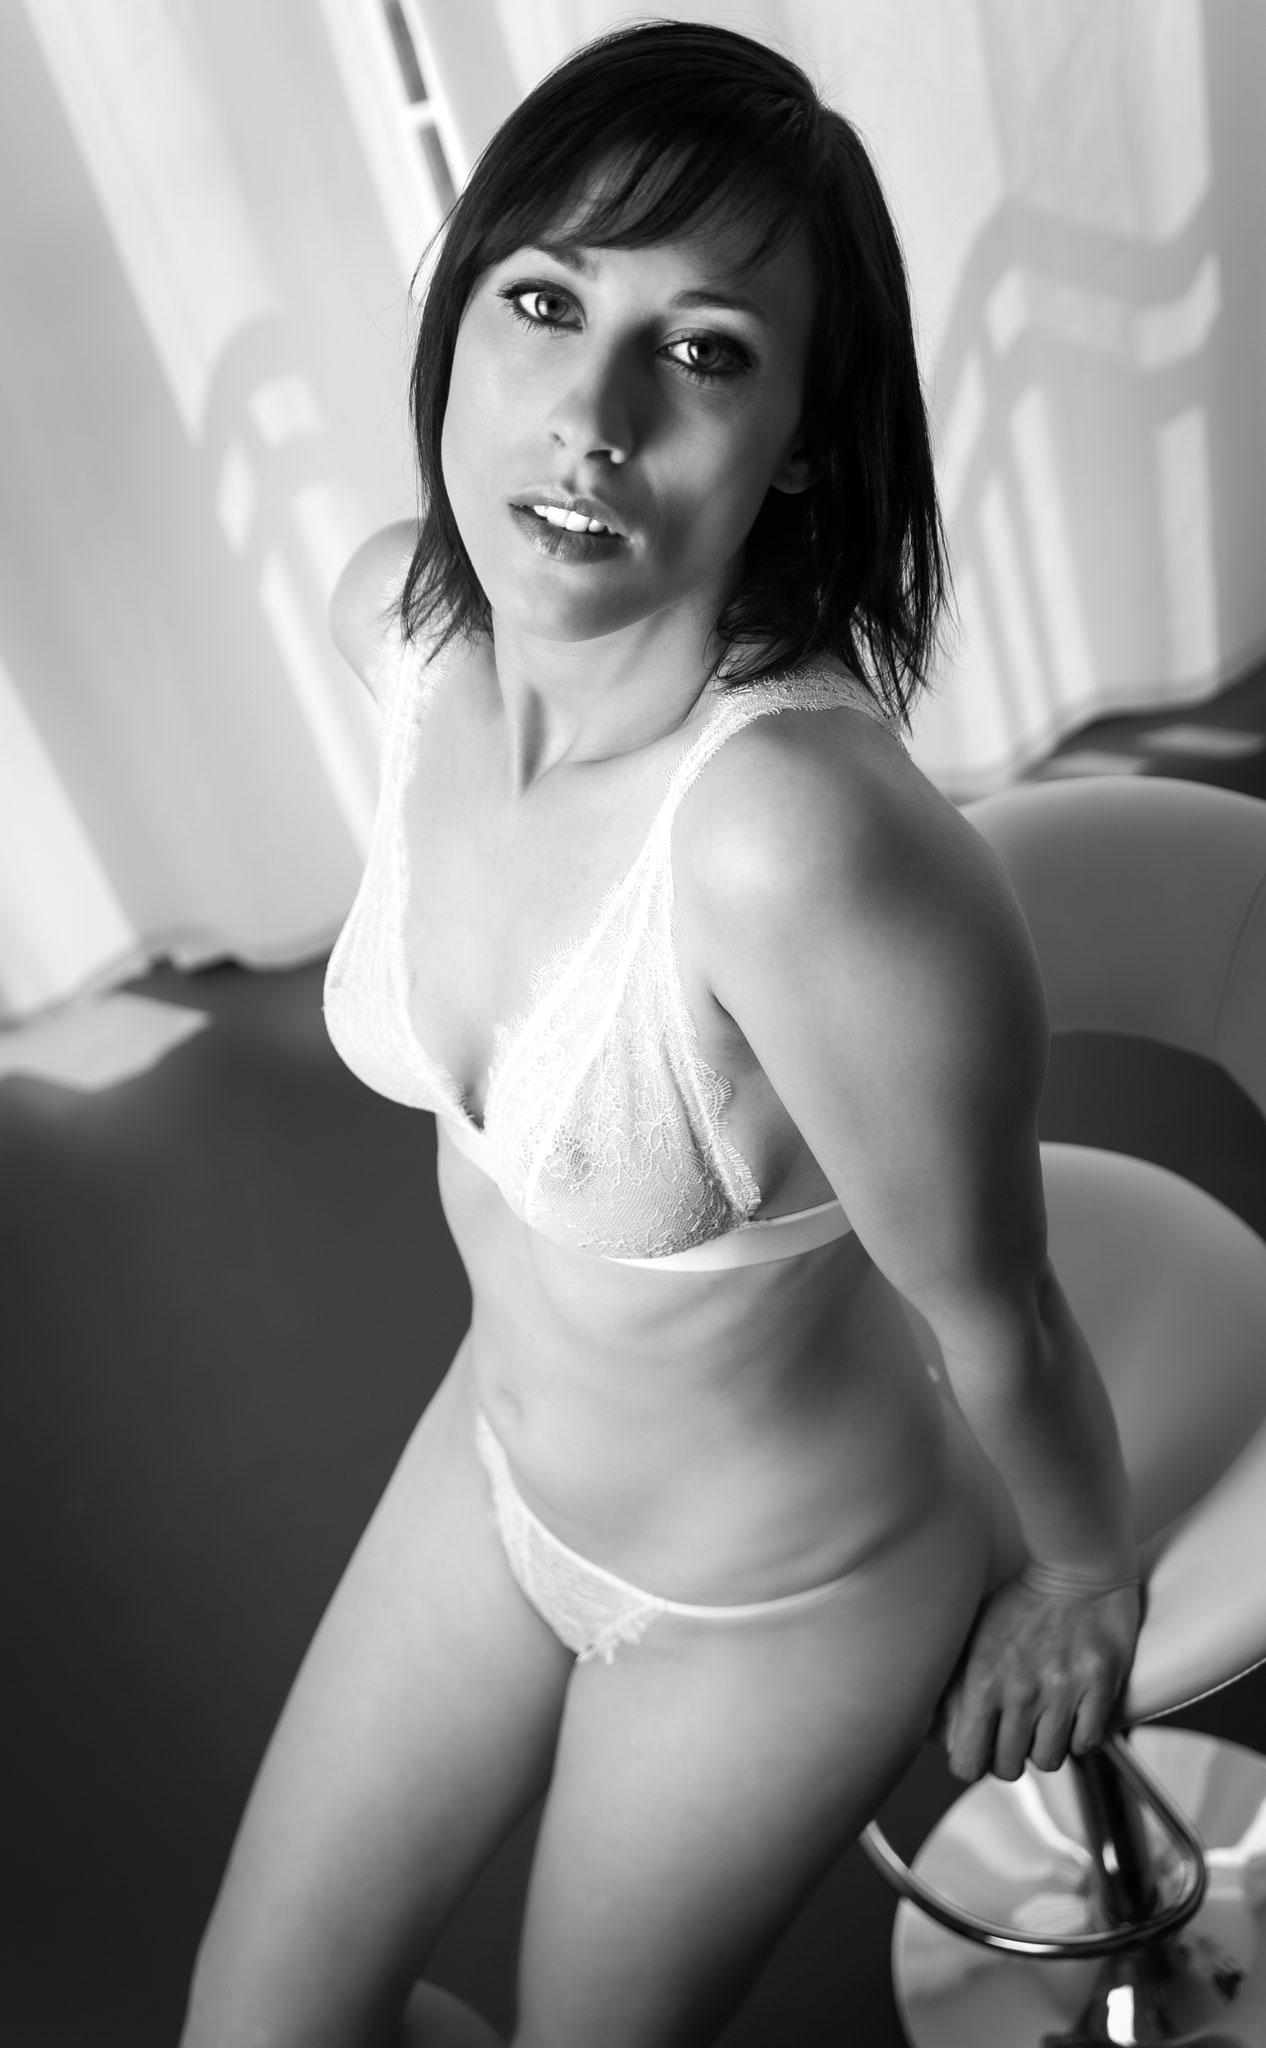 Sexy Lingerie Photoshoot von Kundin die Erotic Fotoshooting im Atelier Erlangen gebucht hat